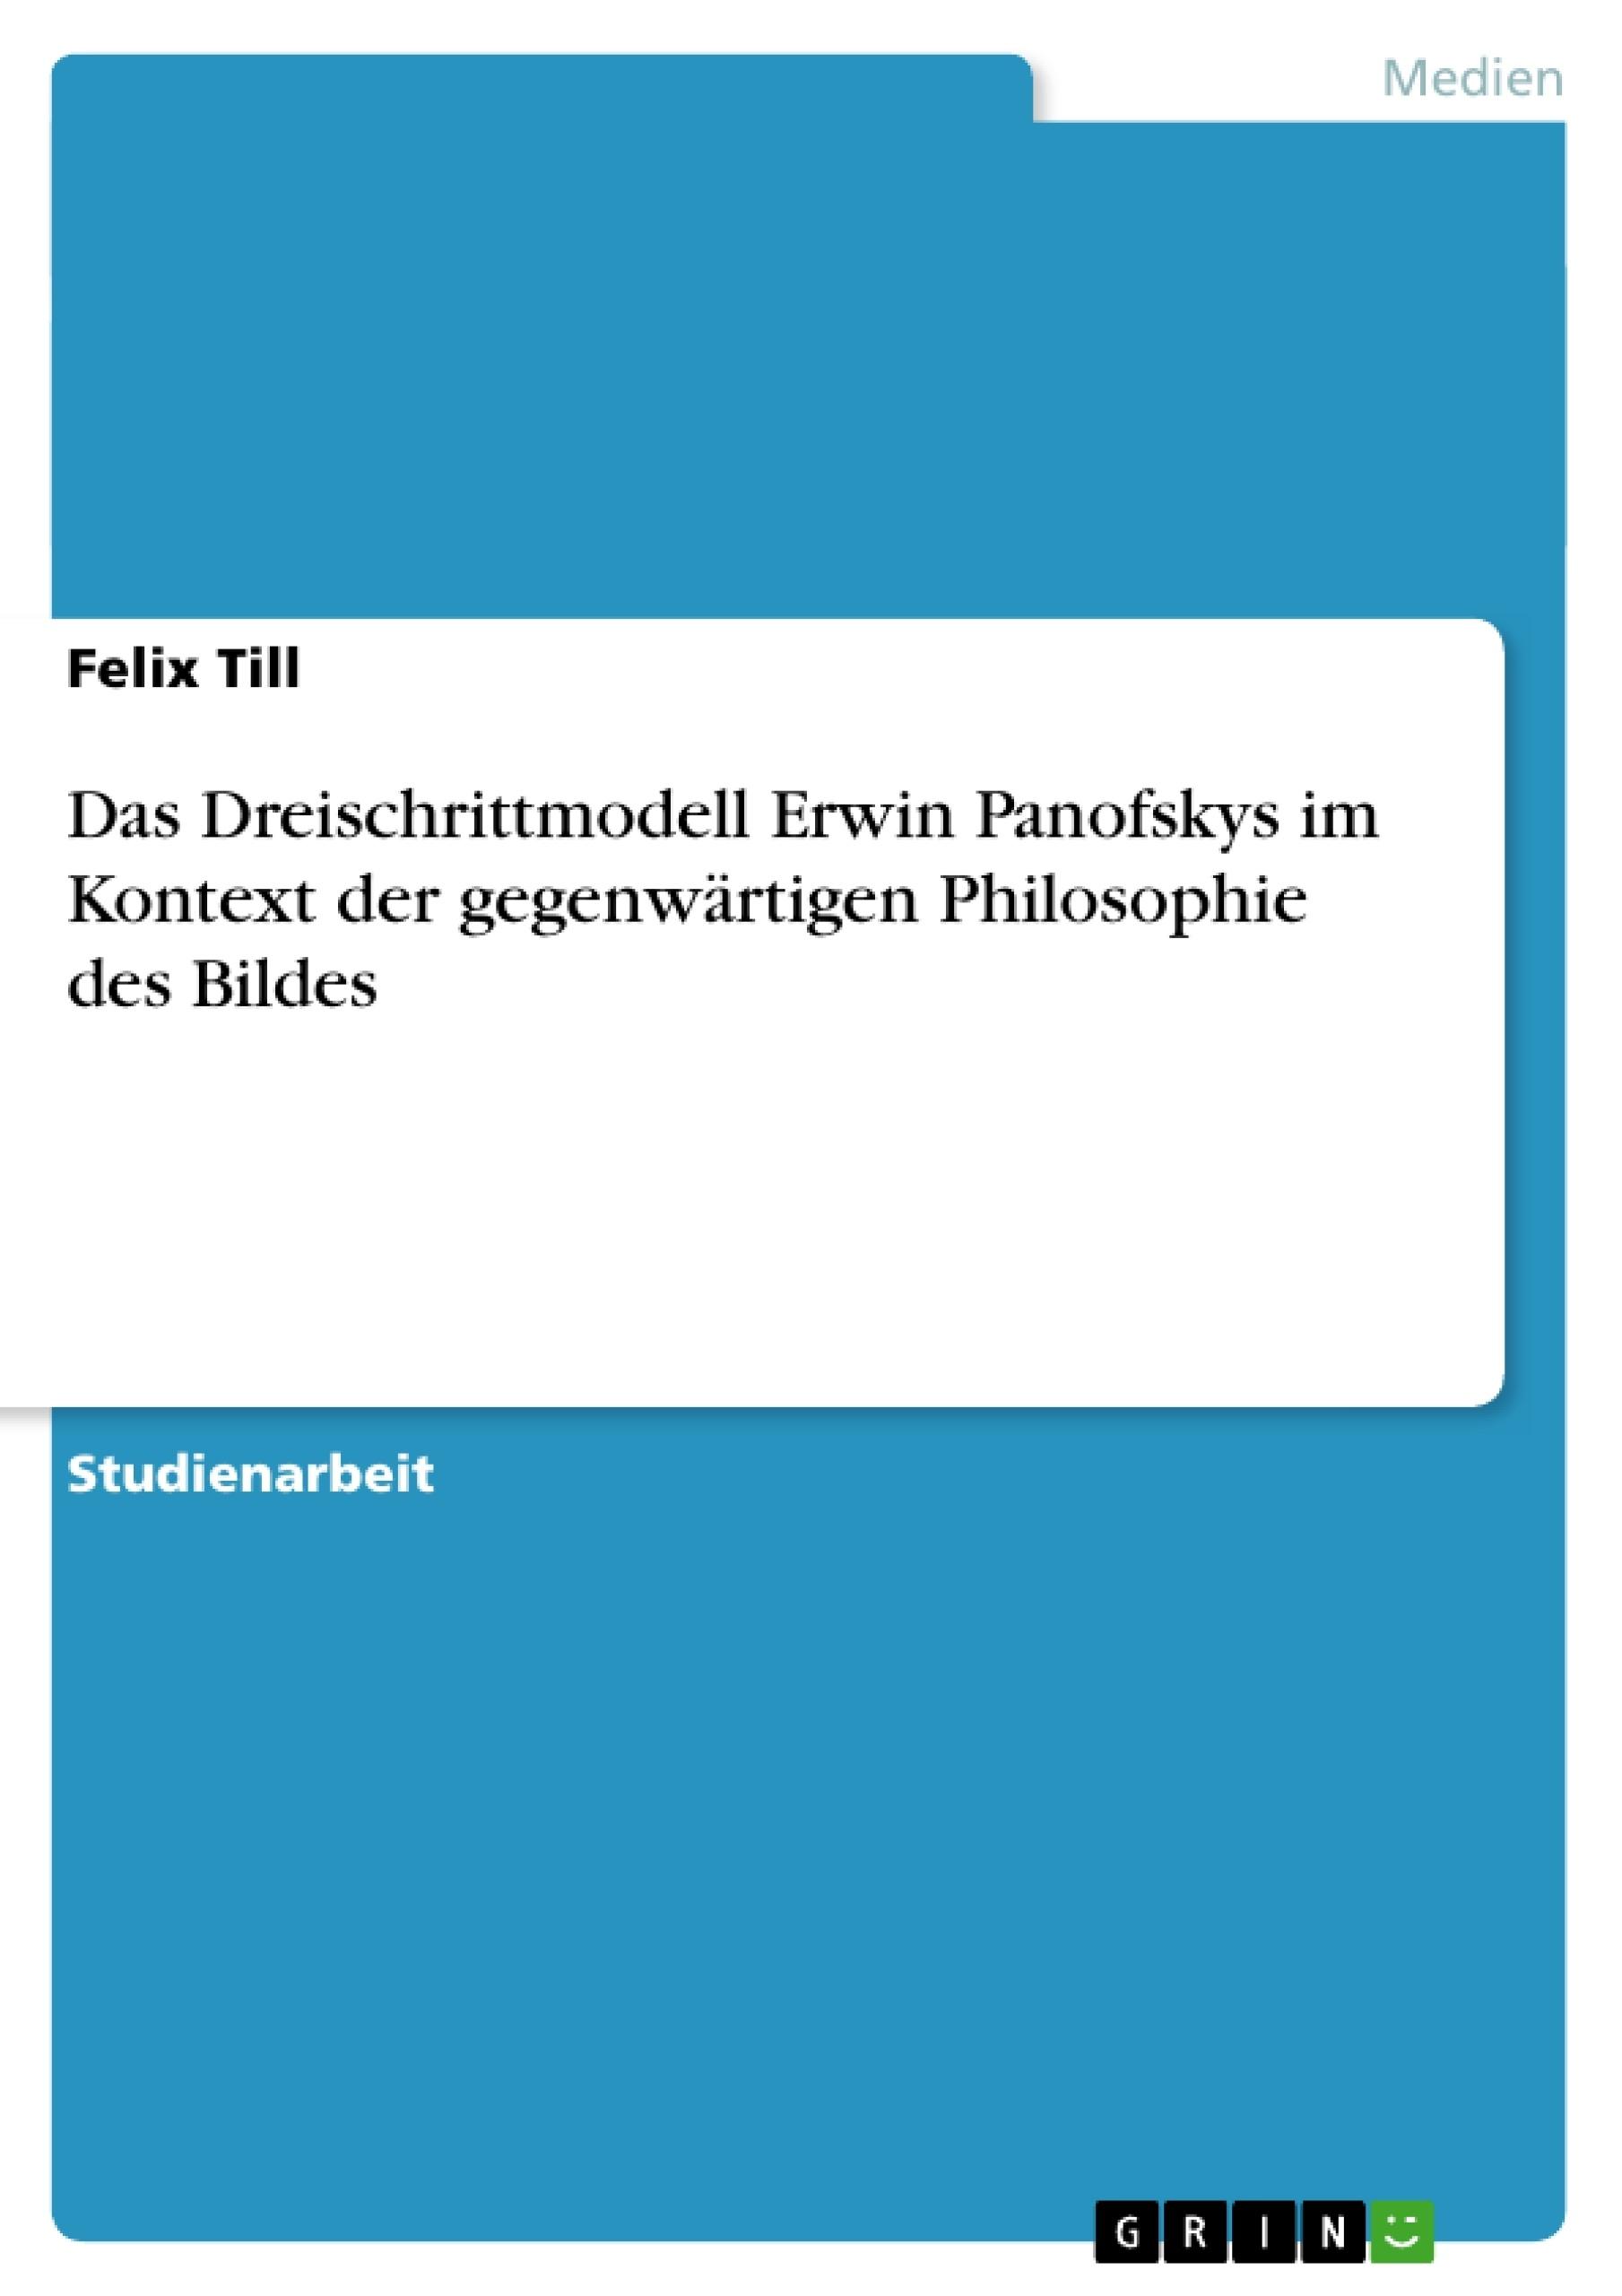 Titel: Das Dreischrittmodell Erwin Panofskys im Kontext der gegenwärtigen Philosophie des Bildes